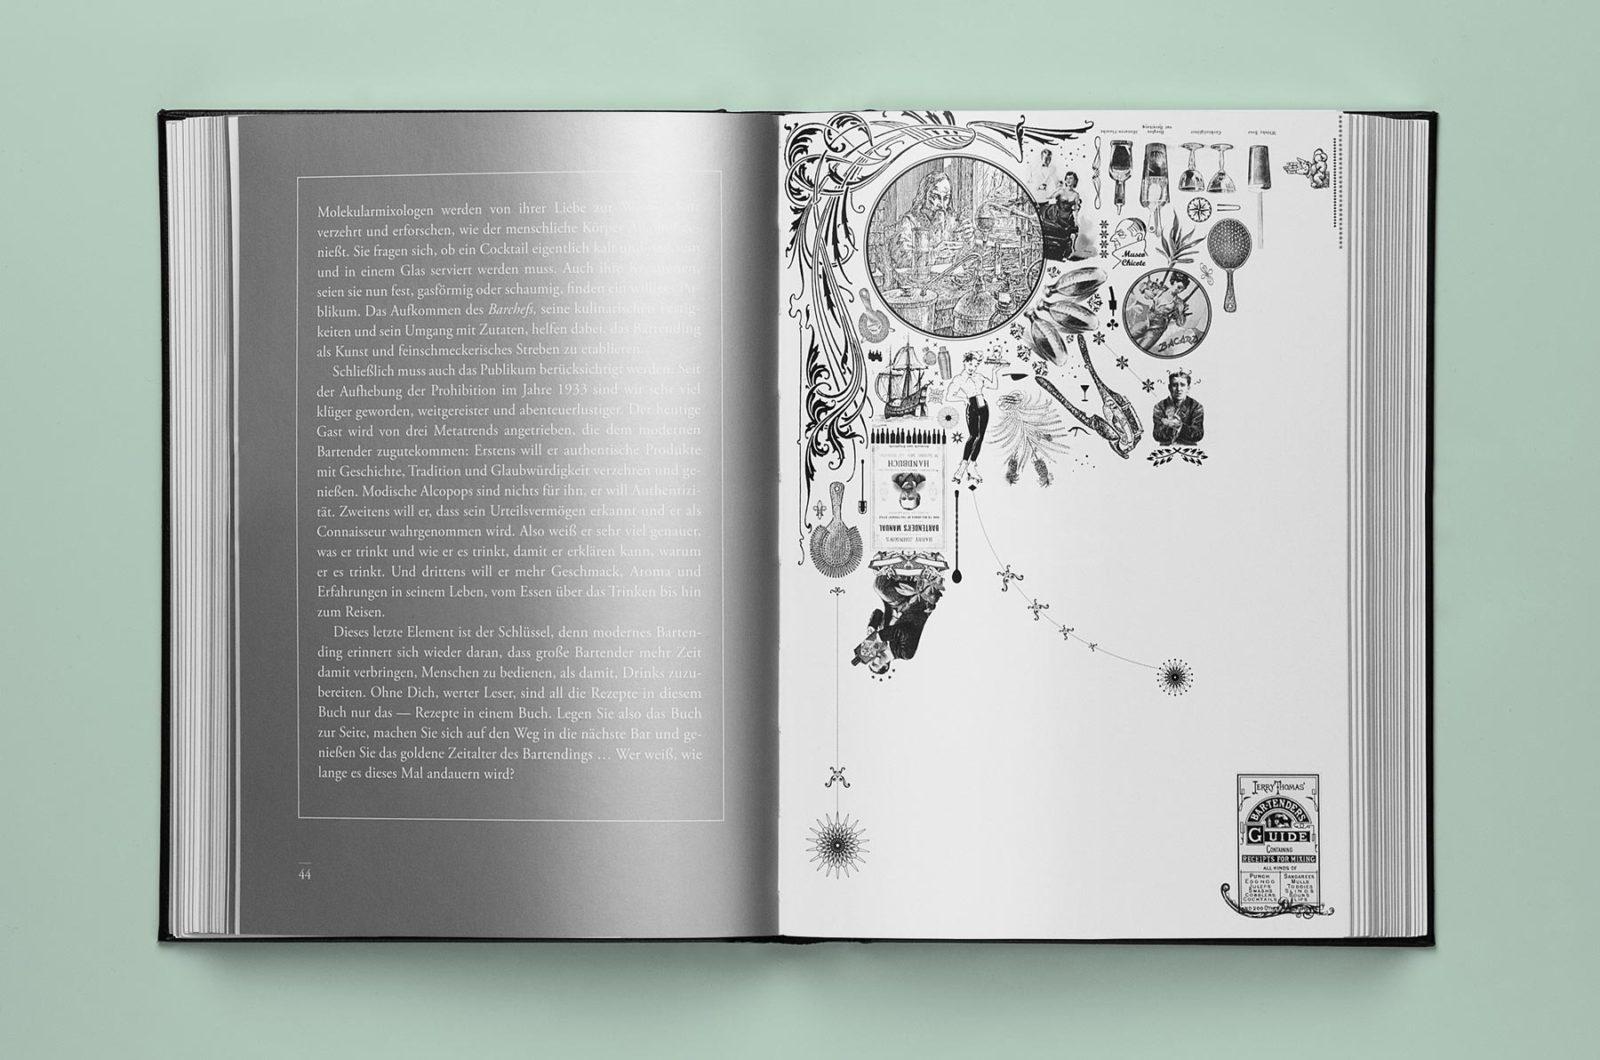 Editienne Grafikdesign - Kommunikationsdesign Berlin- Buchgestaltung Cocktailian 1 Das Handbuch der Bar 22